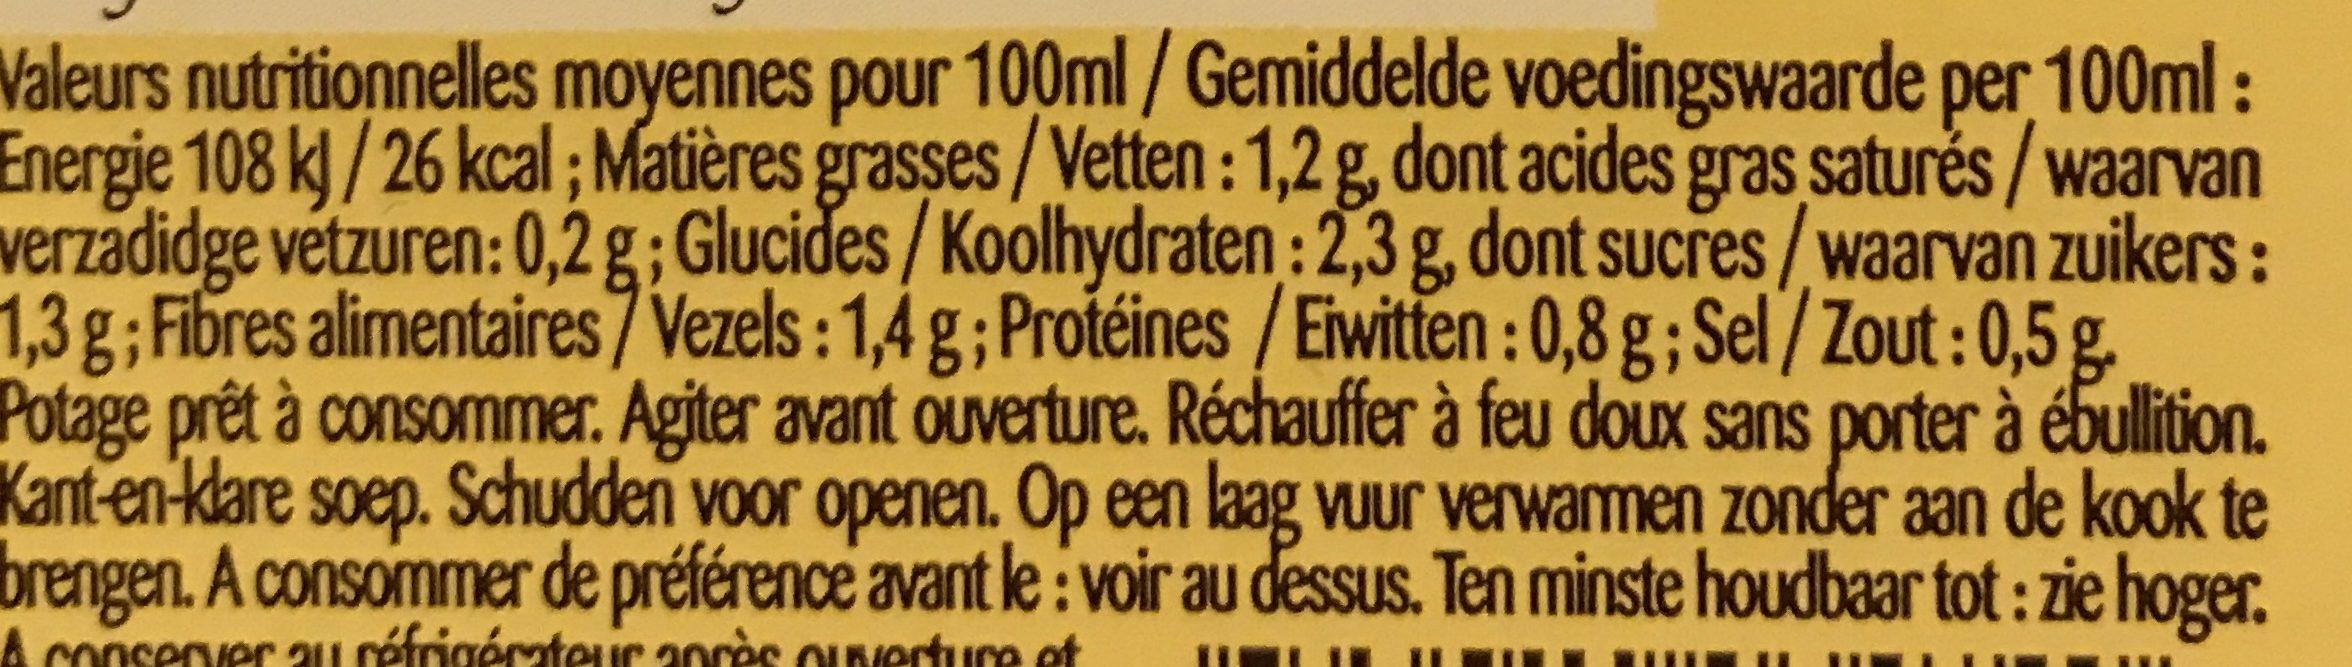 MOULINE DE LEGUMES VERTS - Voedingswaarden - fr